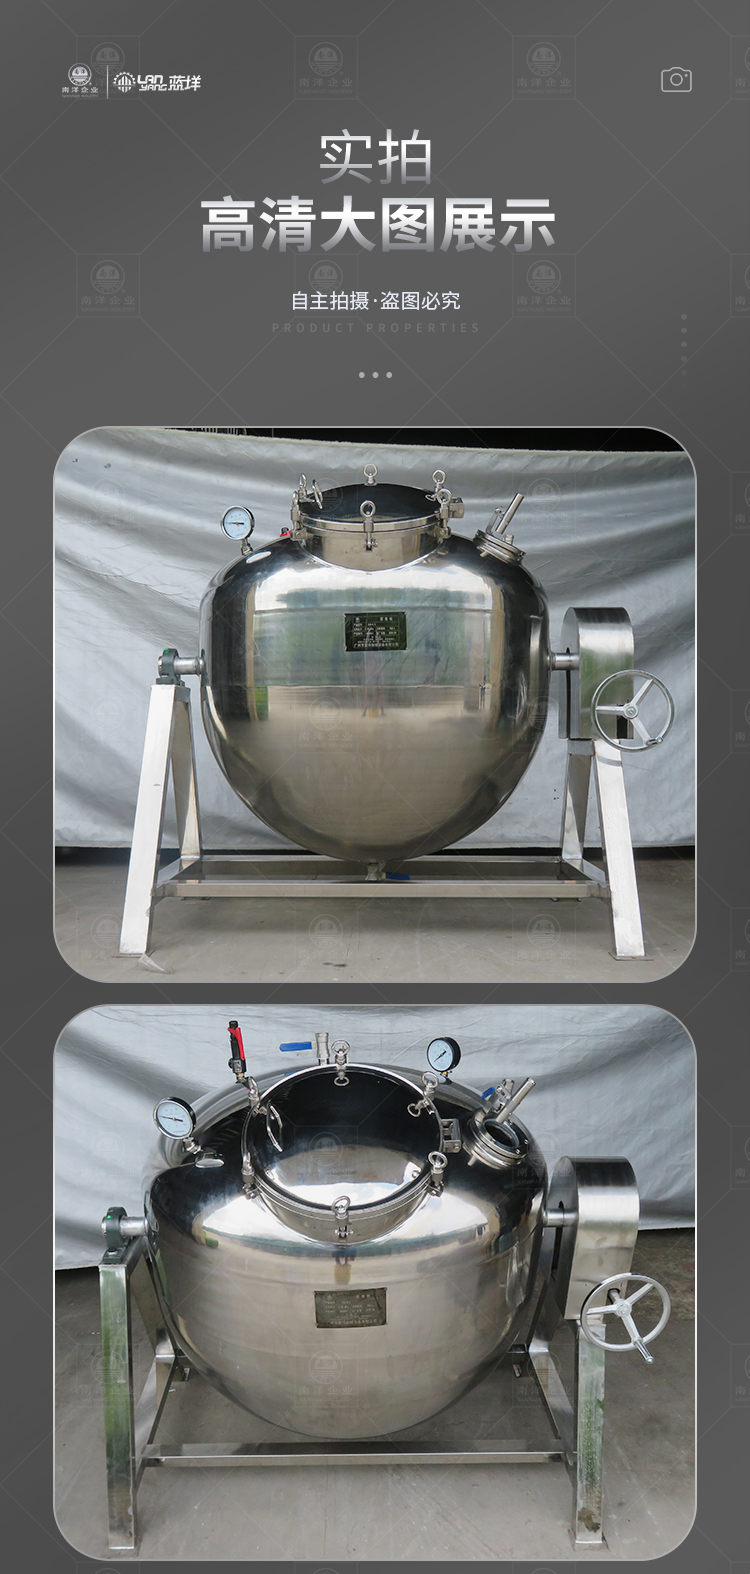 南洋夹层锅——单层蒸汽、蒸煮锅_14.jpg